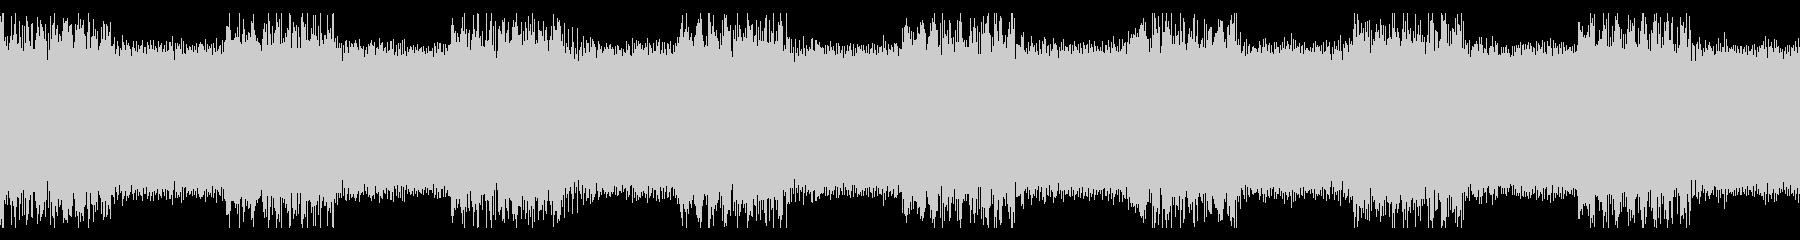 アラート音・エラー音の未再生の波形